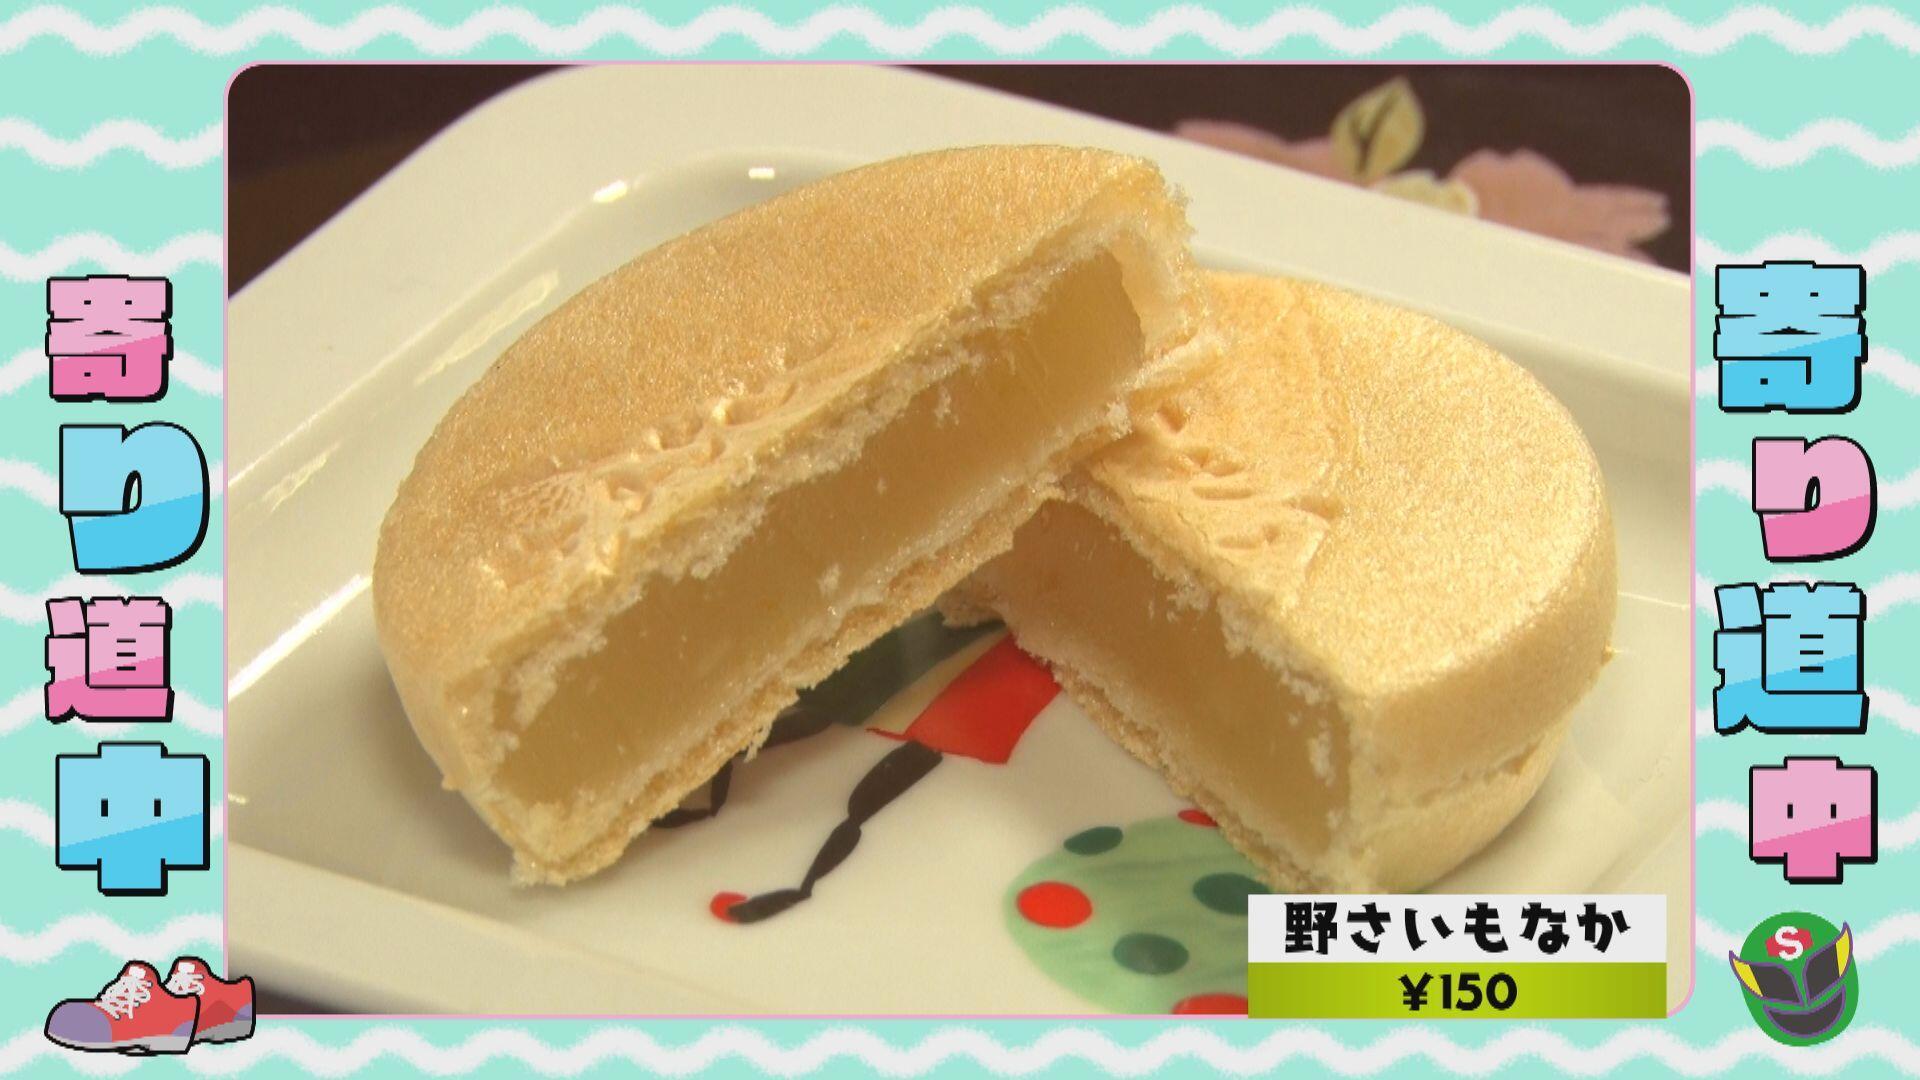 会処菓子店_画像1